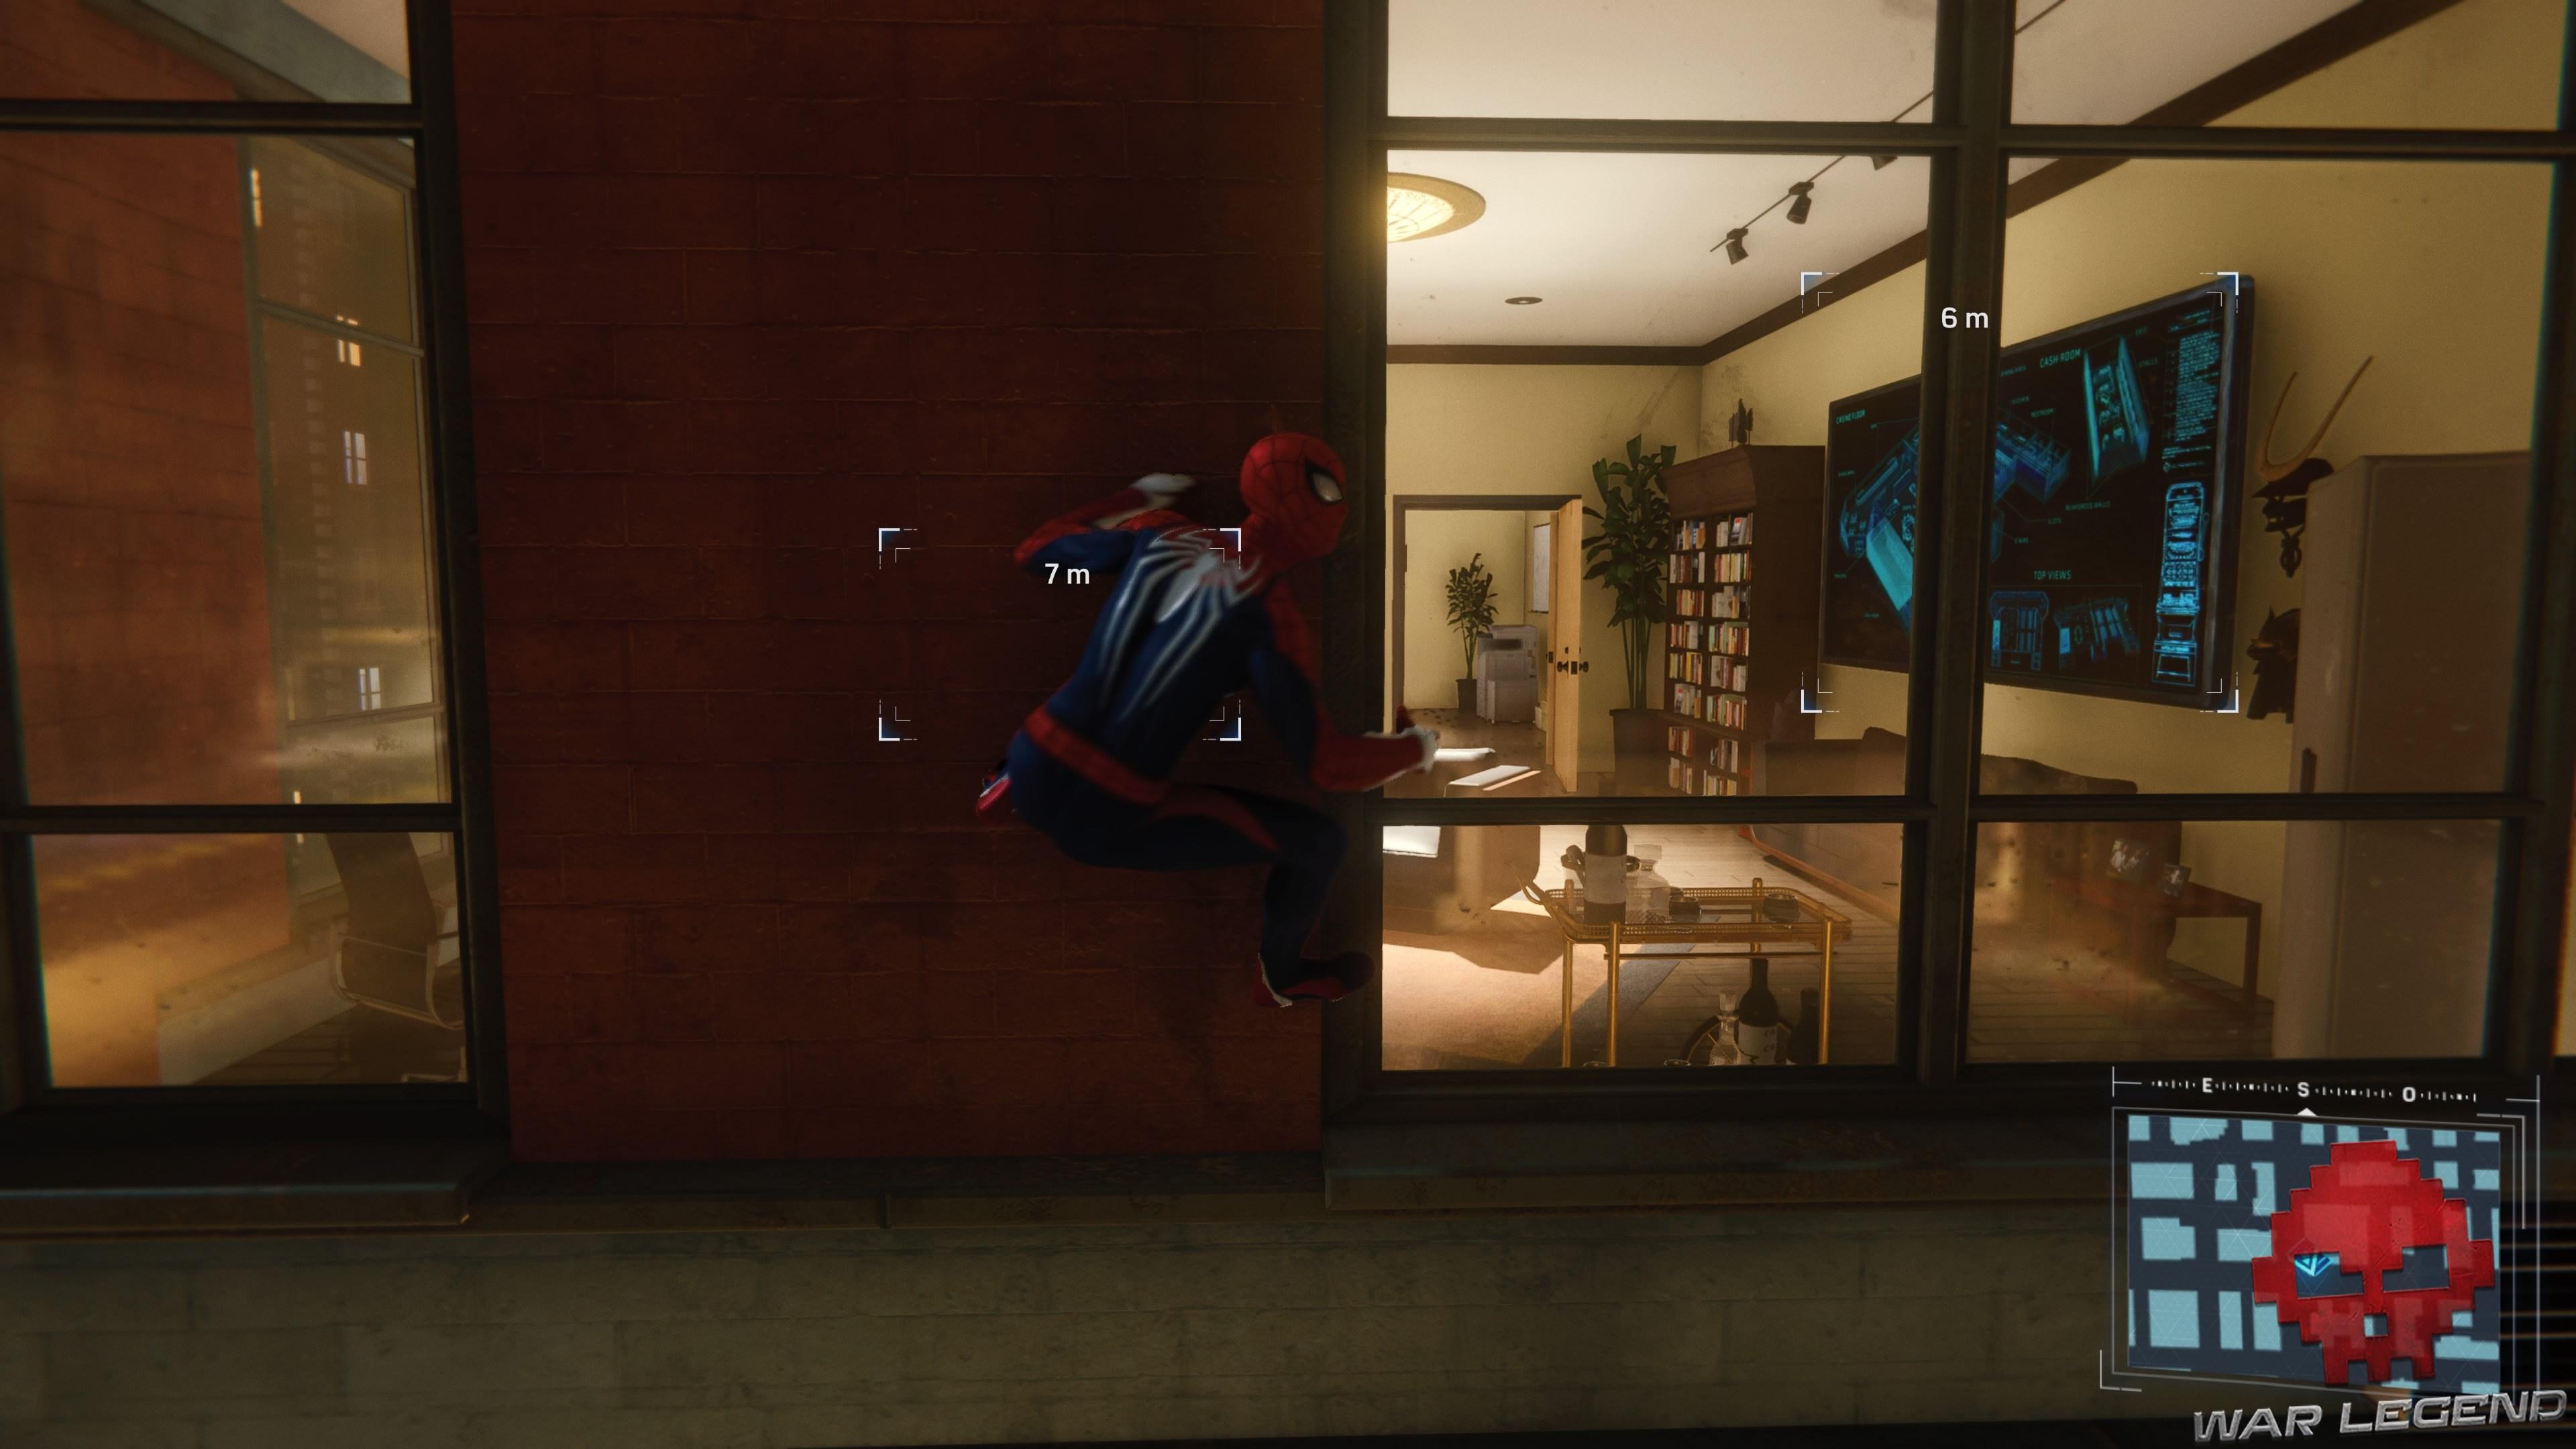 Spiderman est accroché à une fenêtre de l'appartement cible